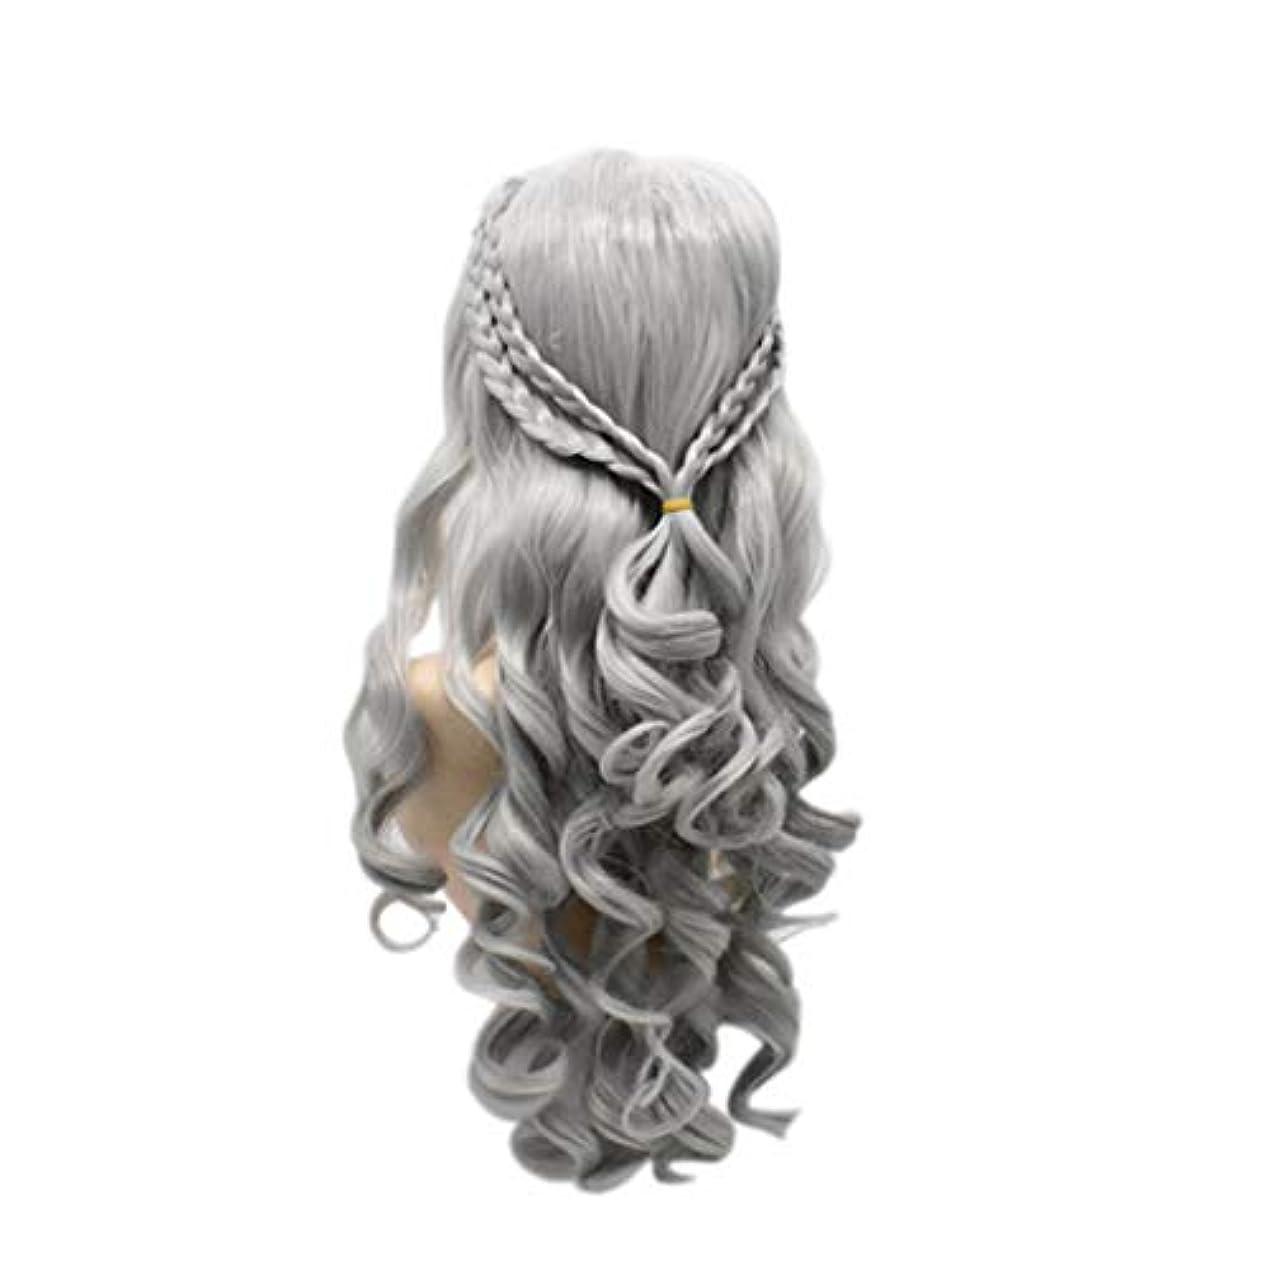 または未知のフェリー女性のための長い巻き毛のかつら気質顔ハイエンドのかつら自然に見える耐熱合成ファッションかつらコスプレ,Metallic